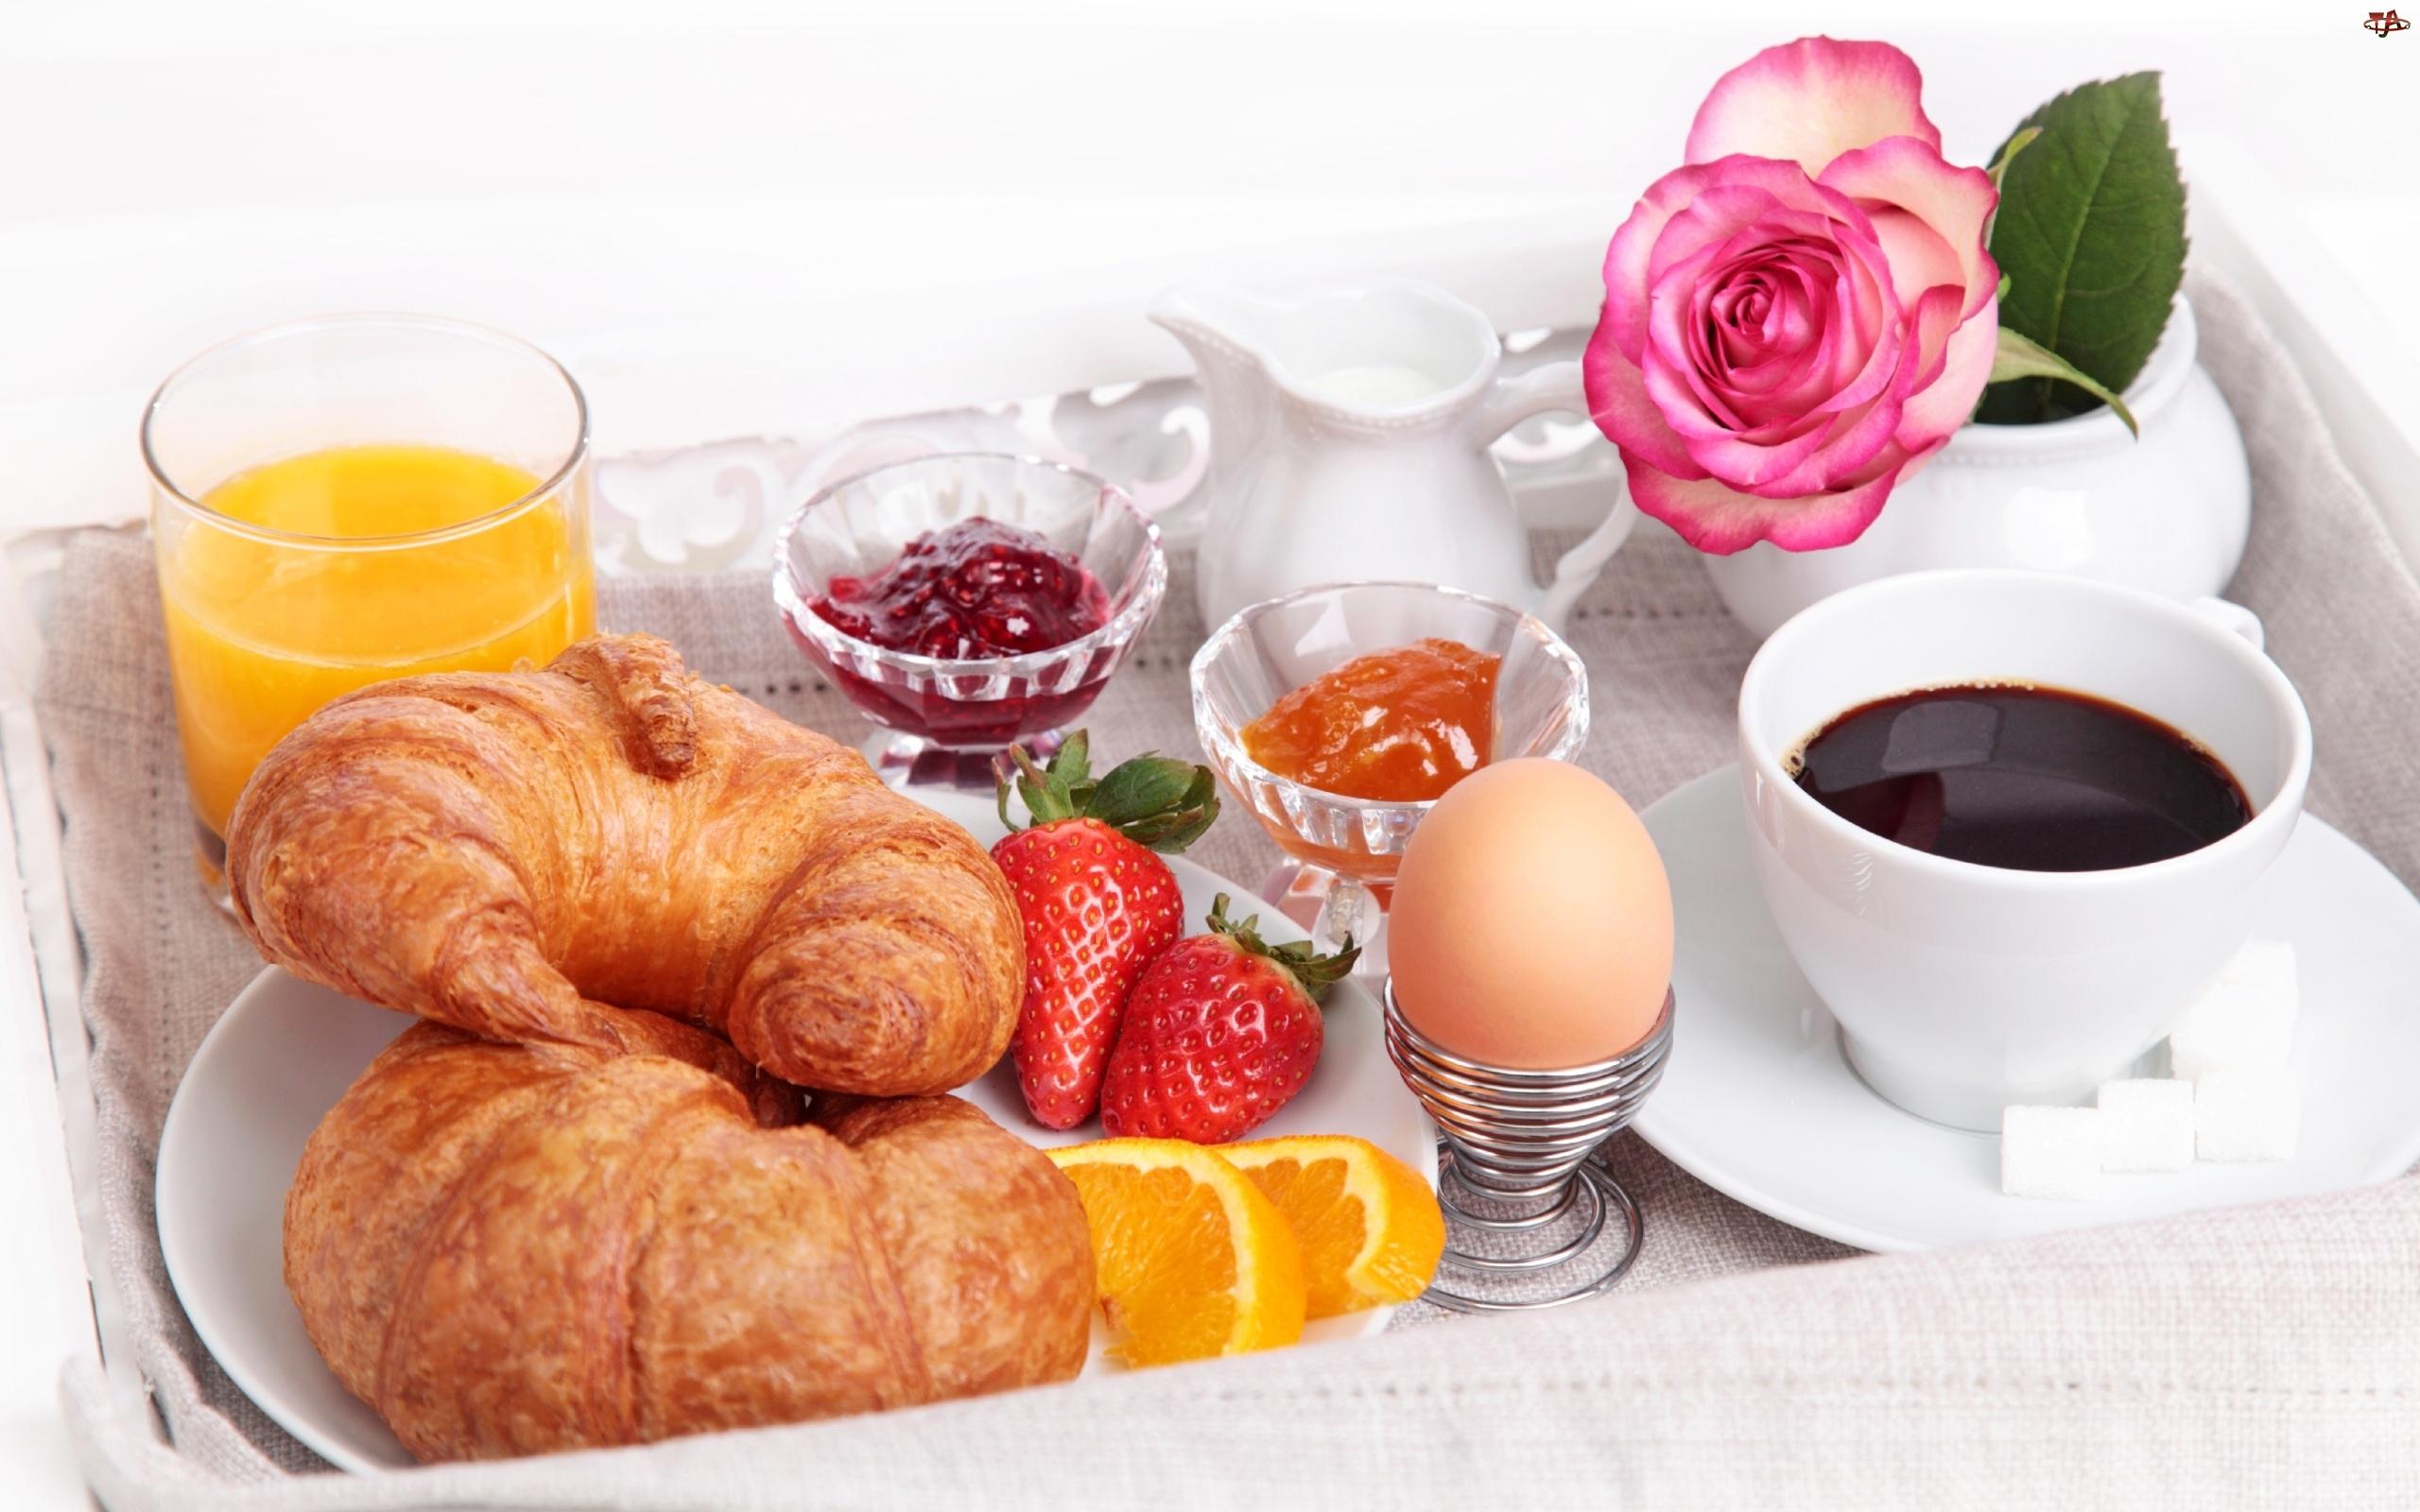 Śniadanko, Rogaliki, Kawa, Jajko, Dżem